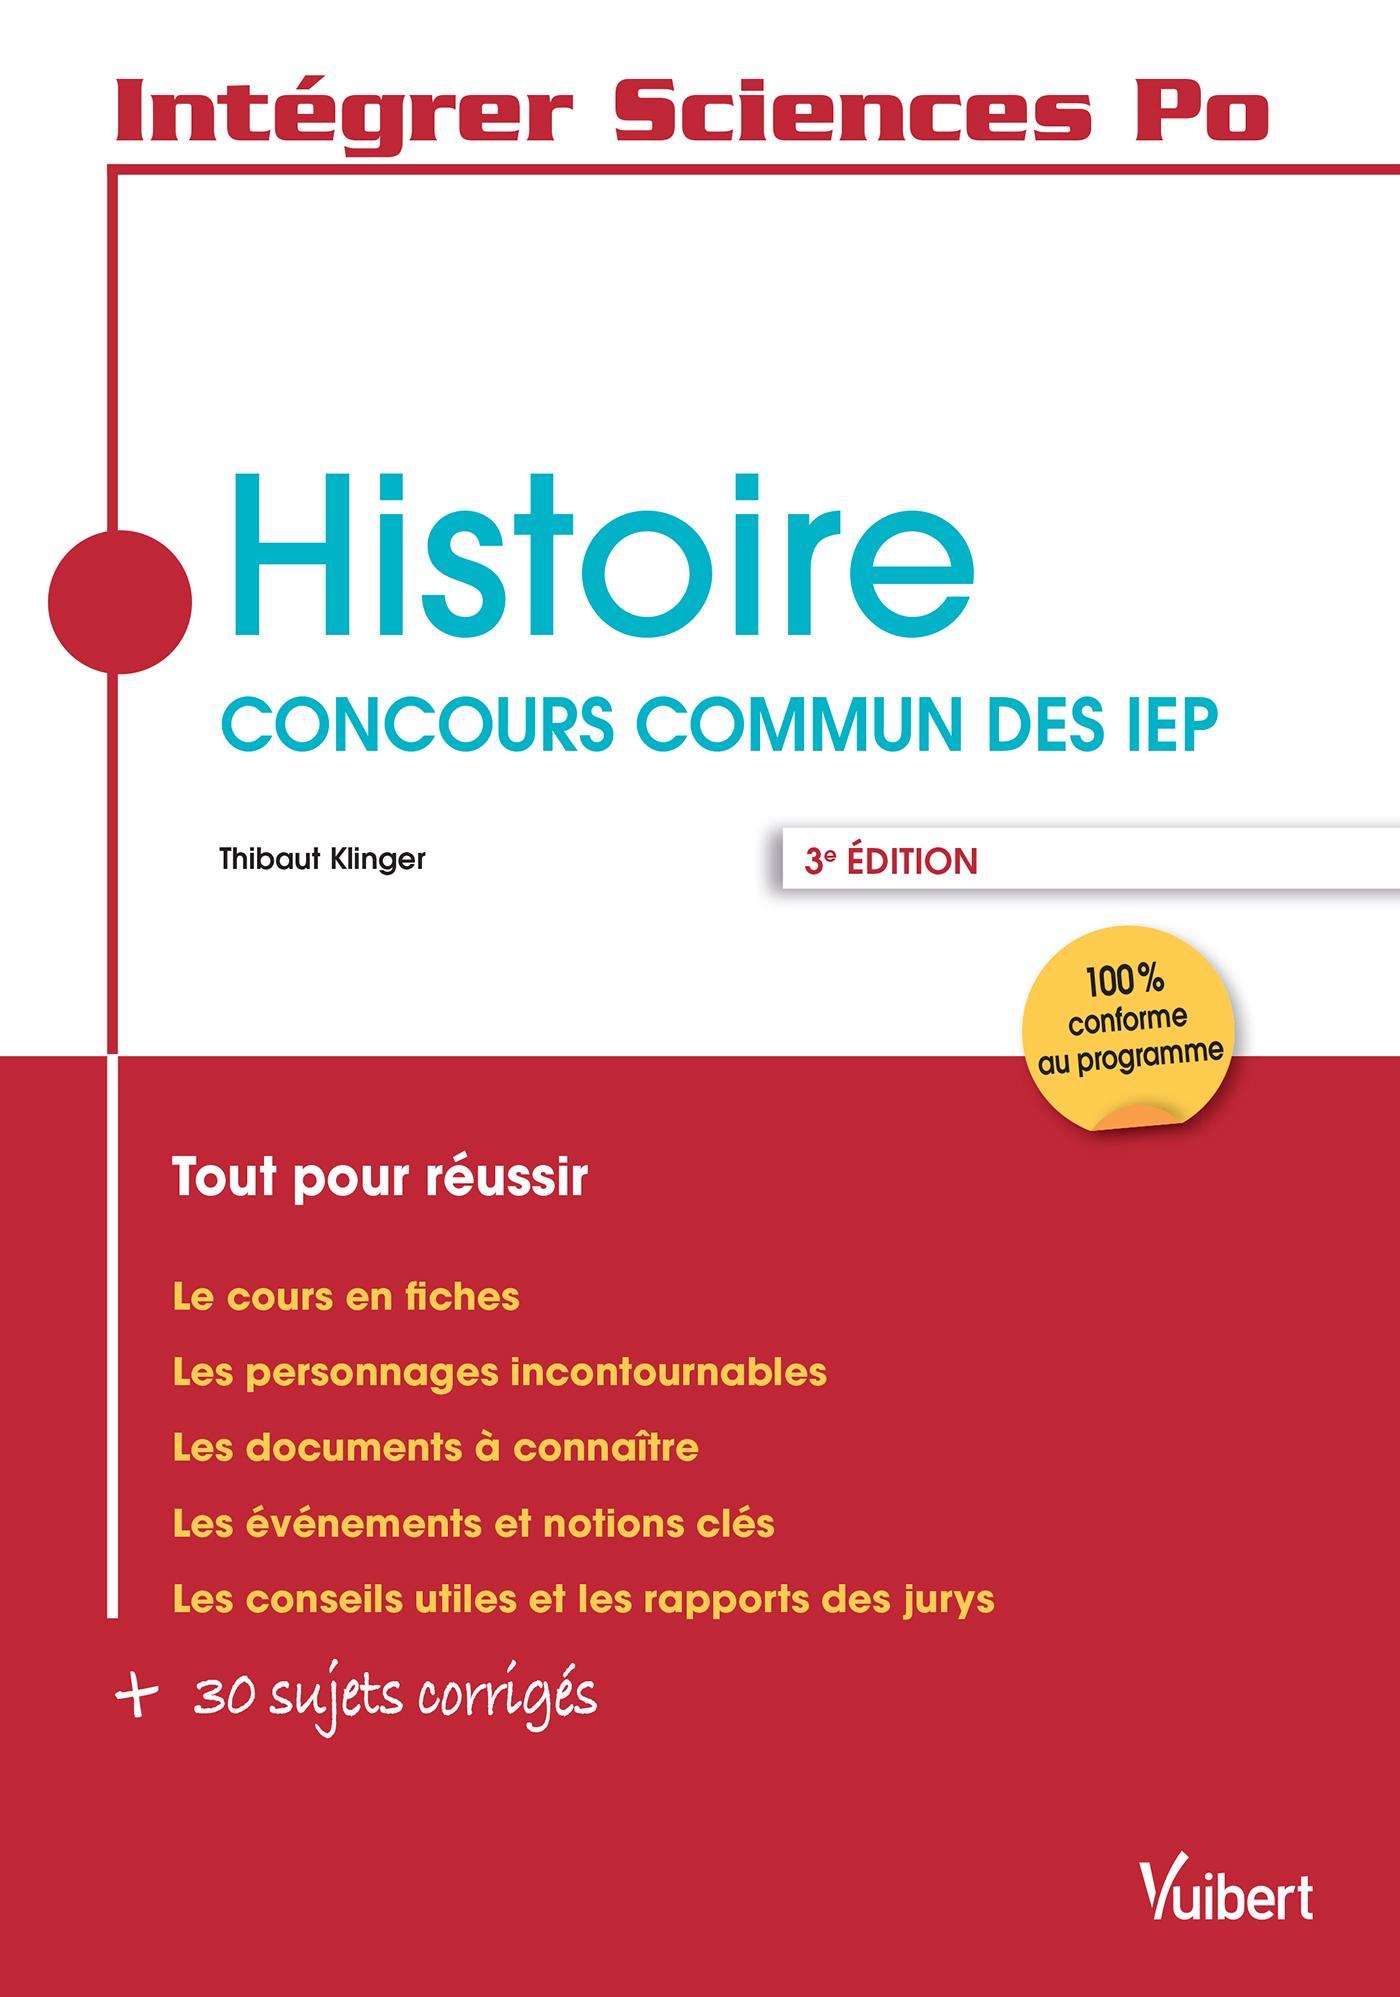 HISTOIRE CONCOURS COMMUN DES IEP 3E EDT